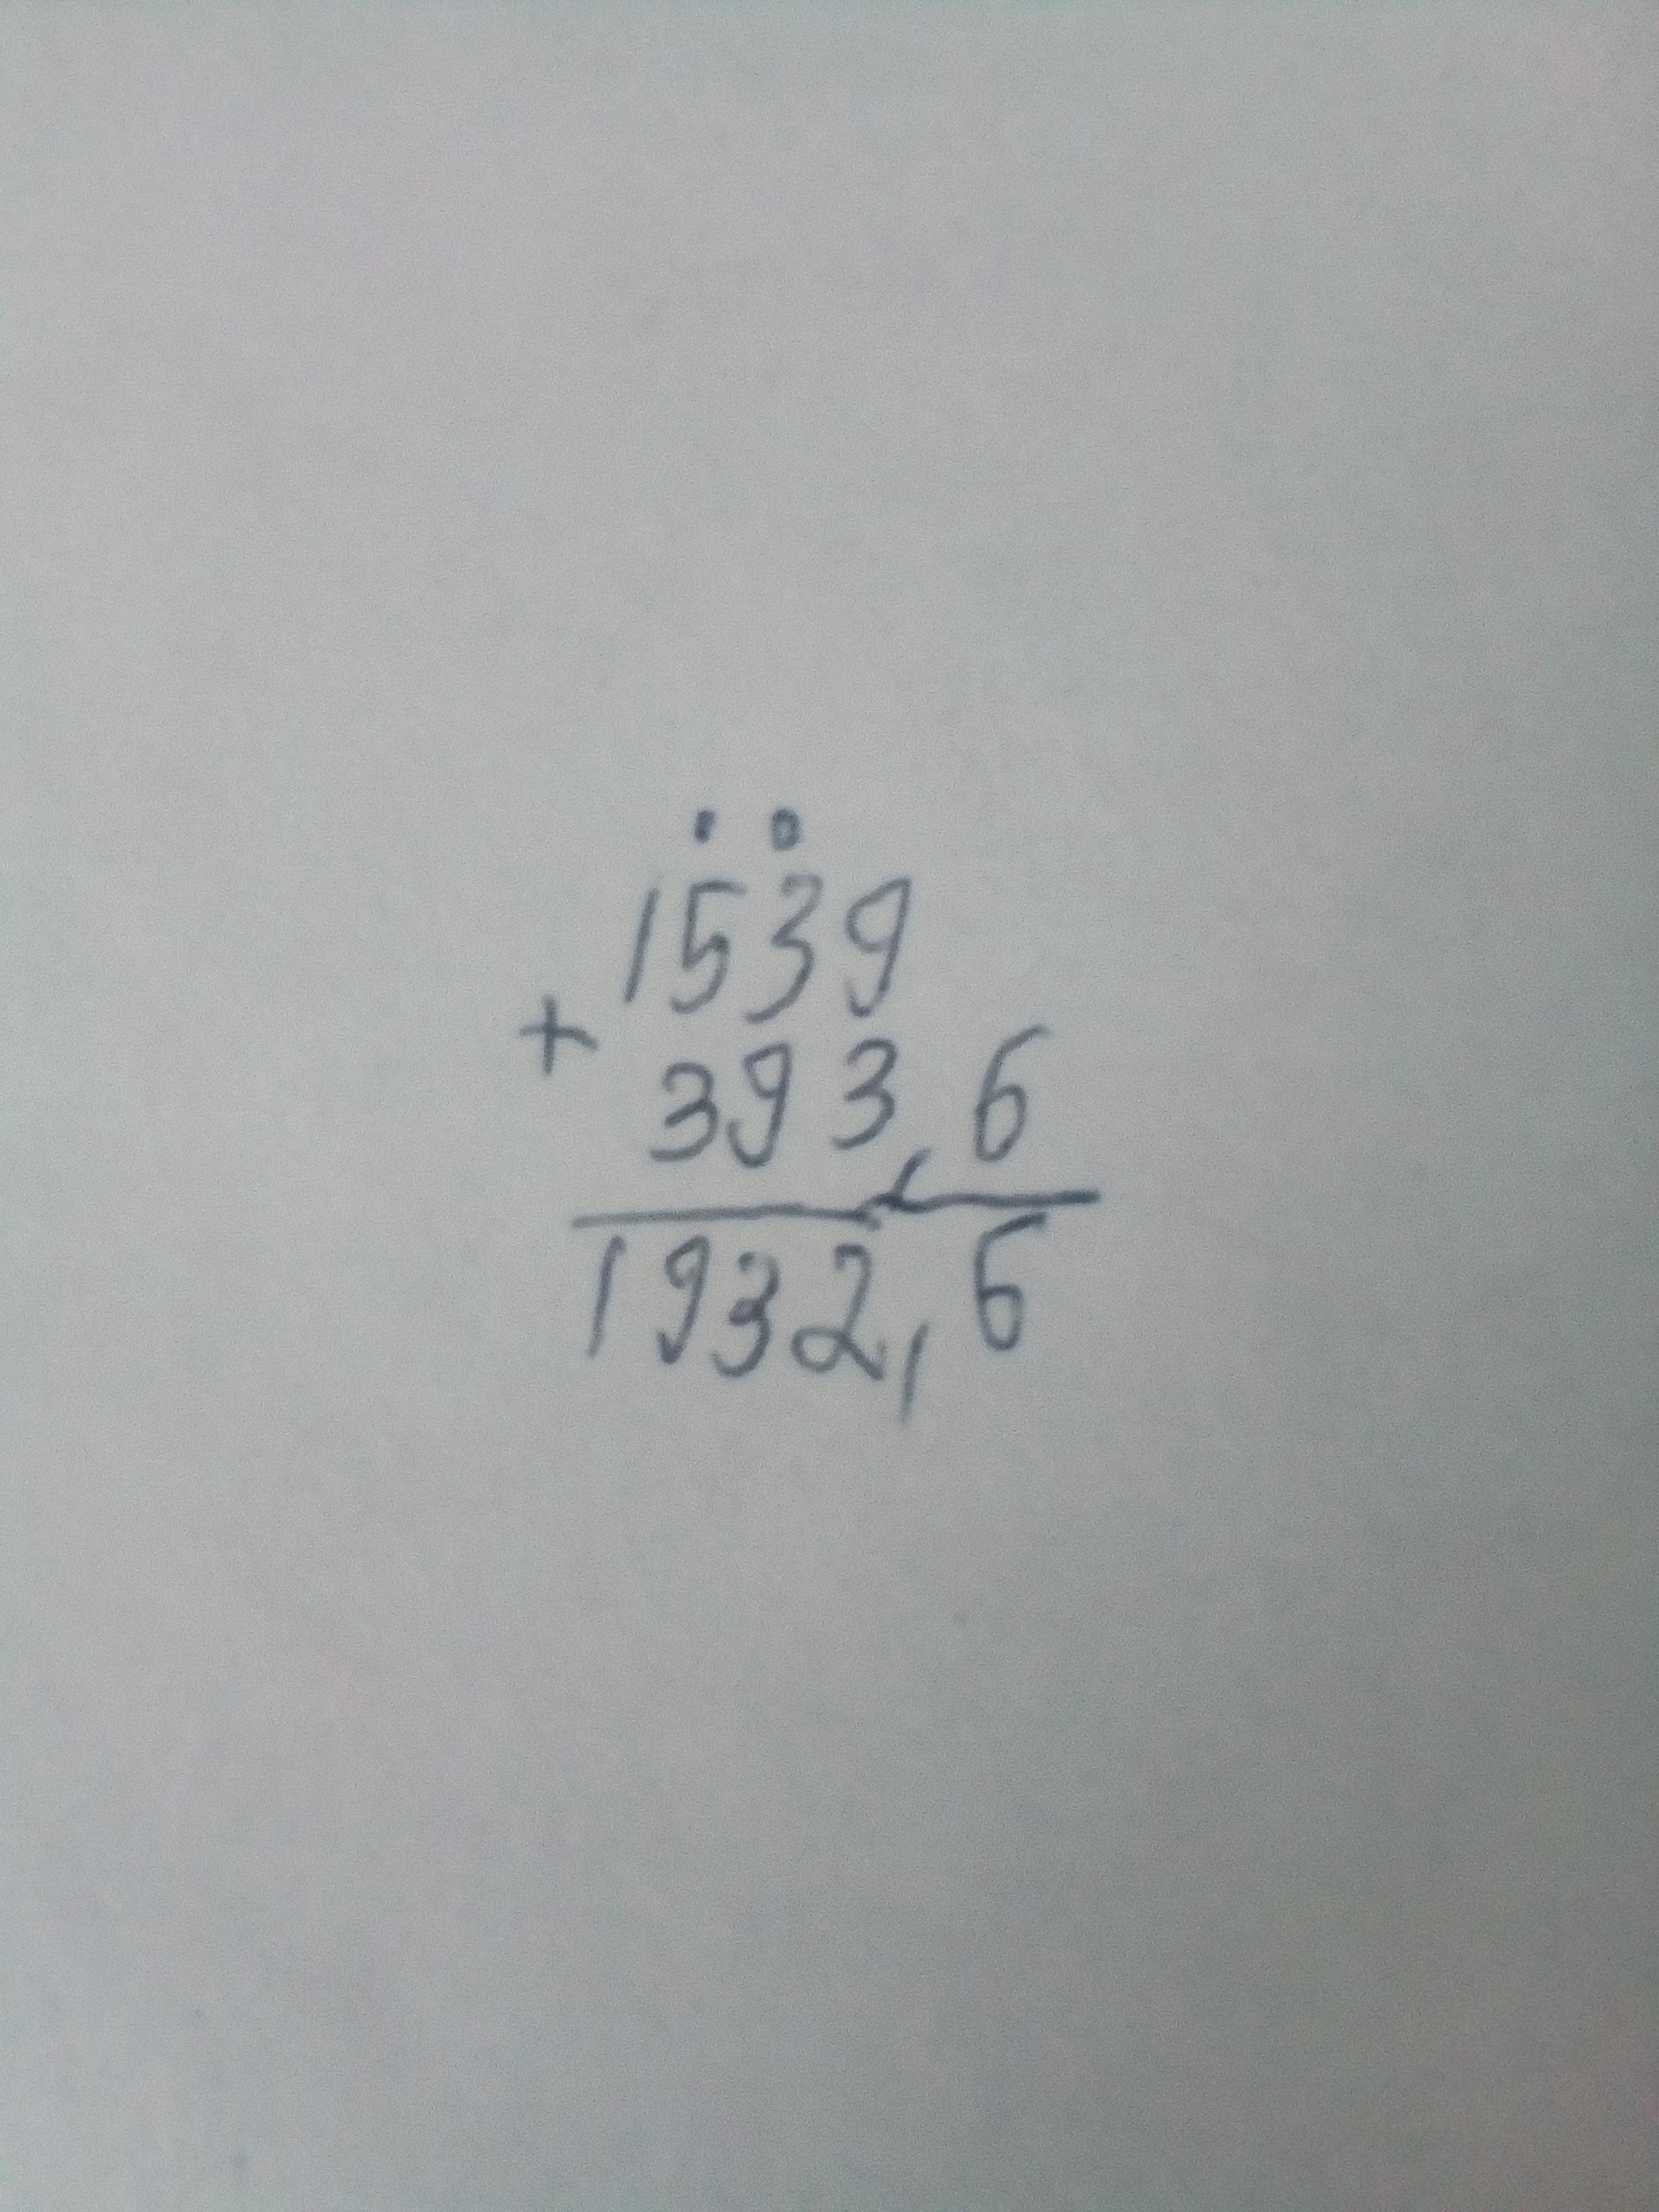 1539+393,6 столбиком запятая под запятой